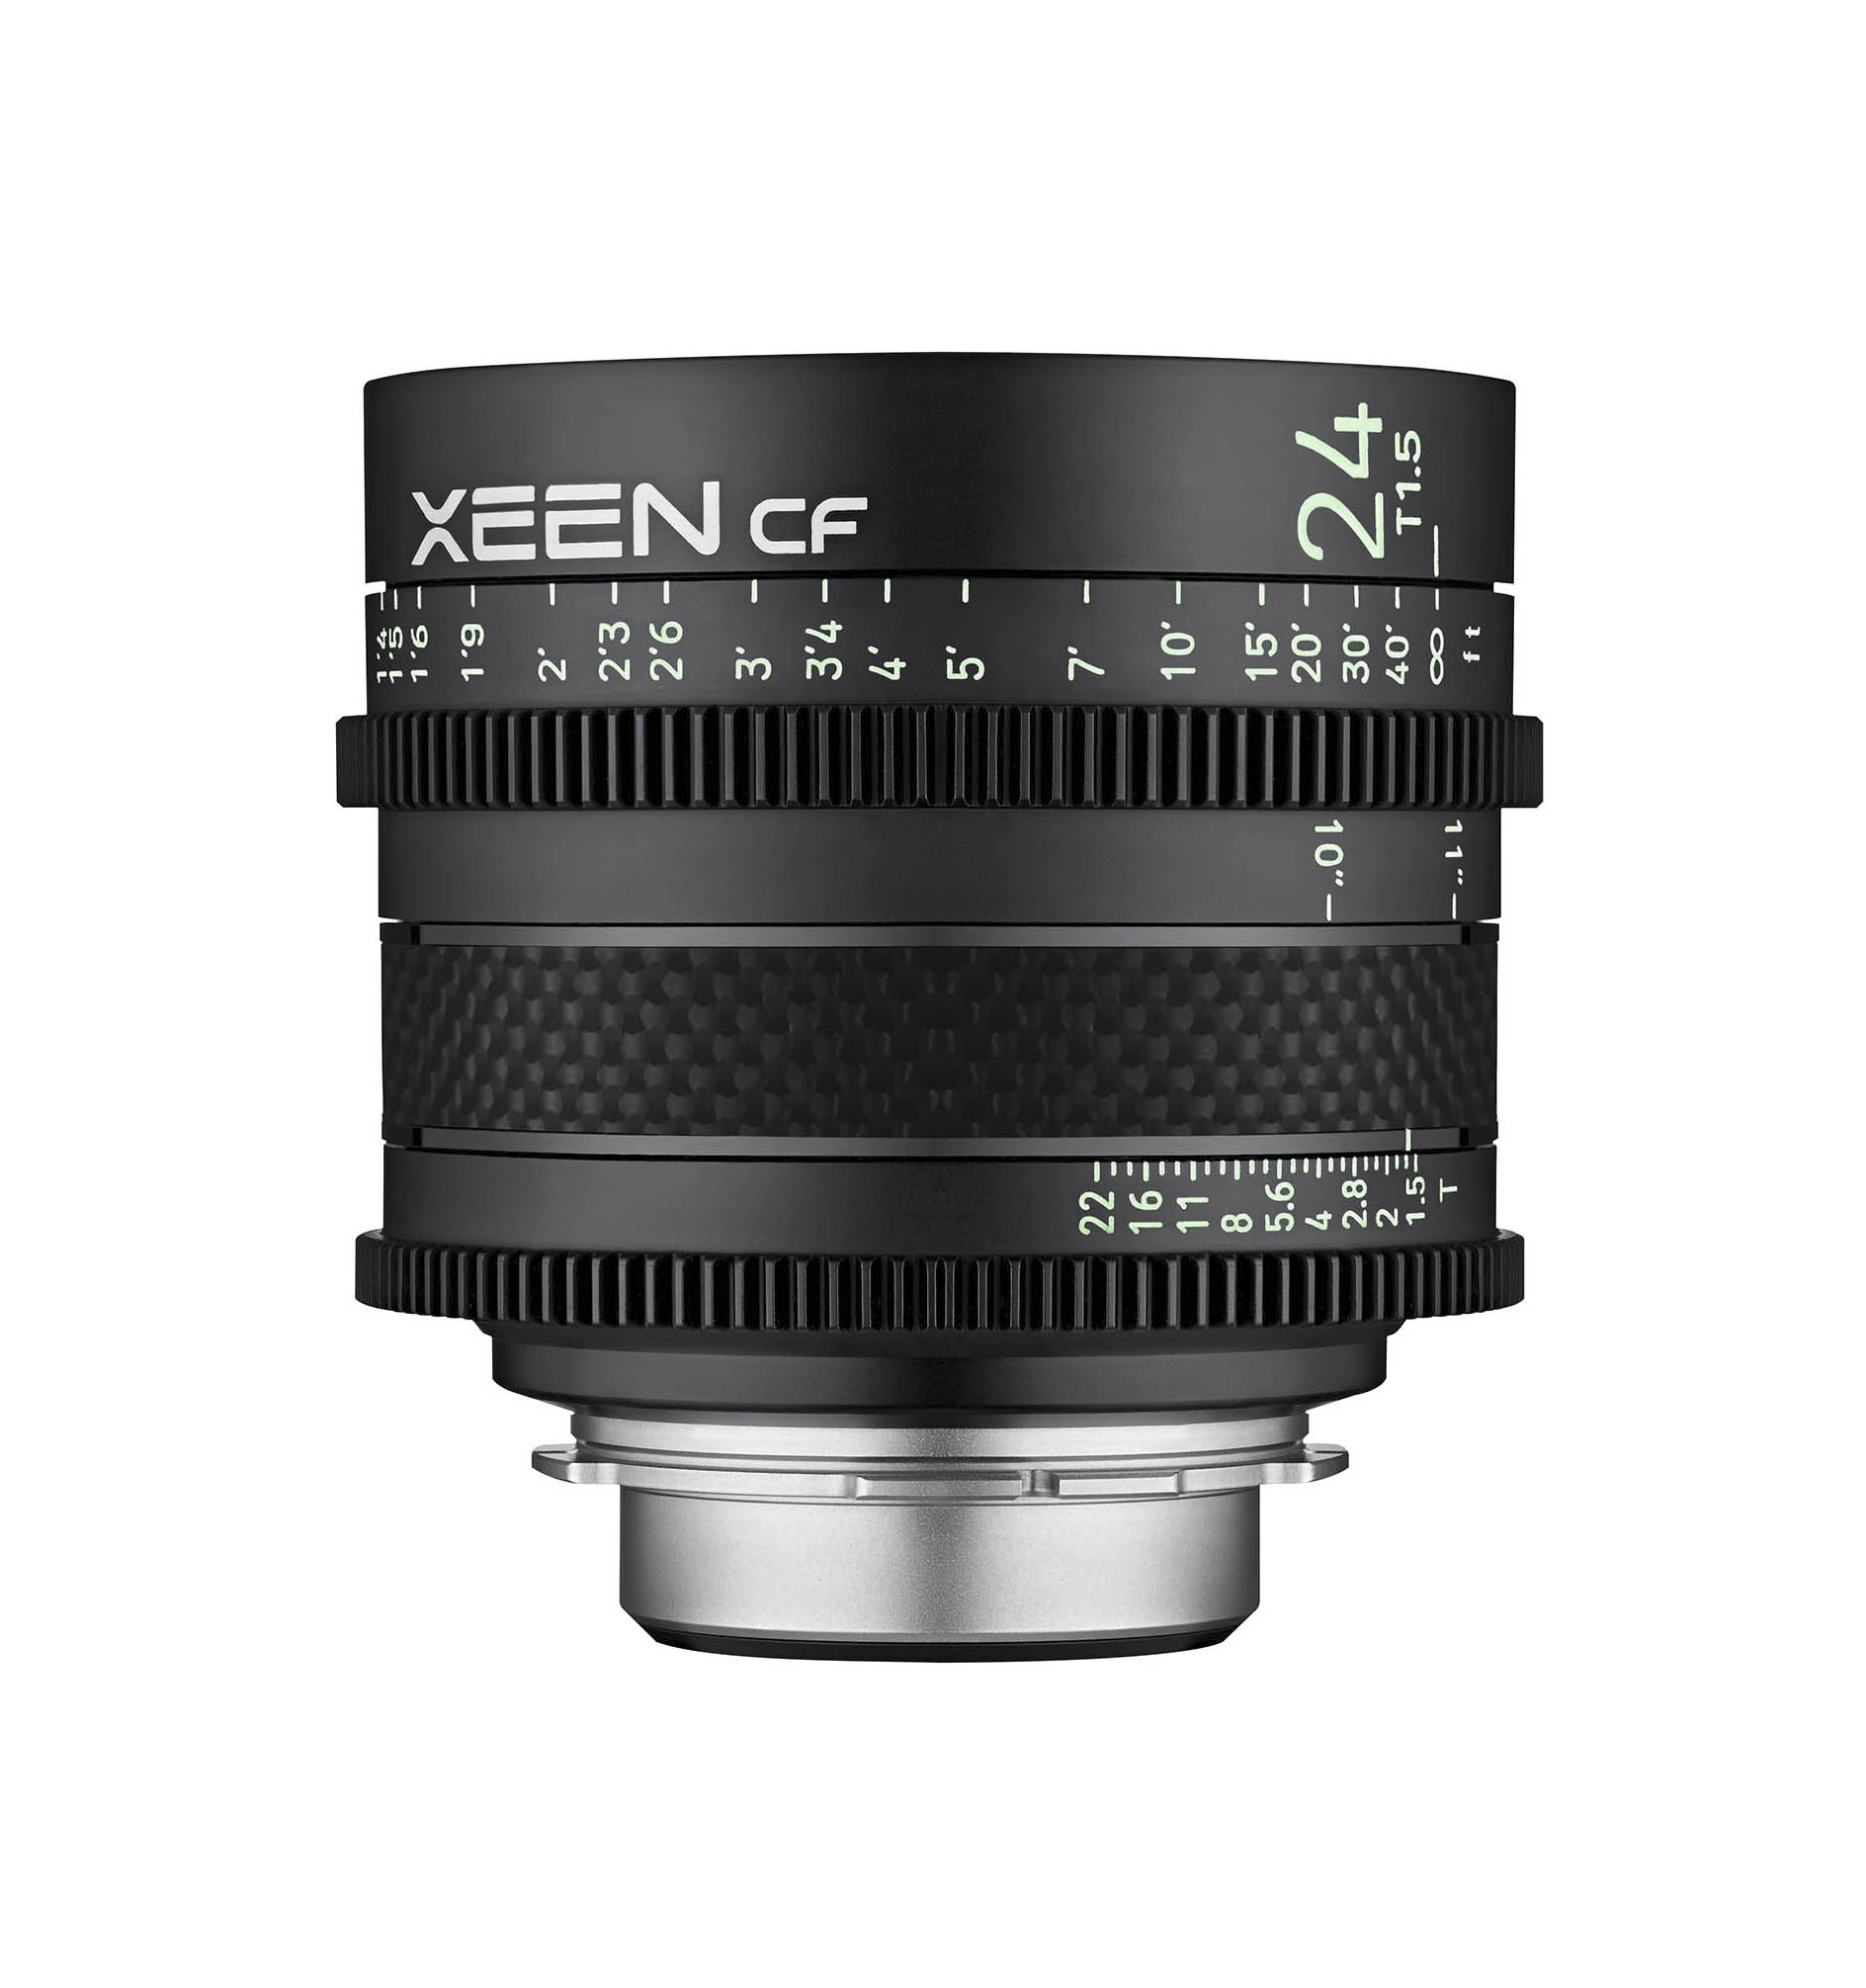 Xeen CF 24mm Front